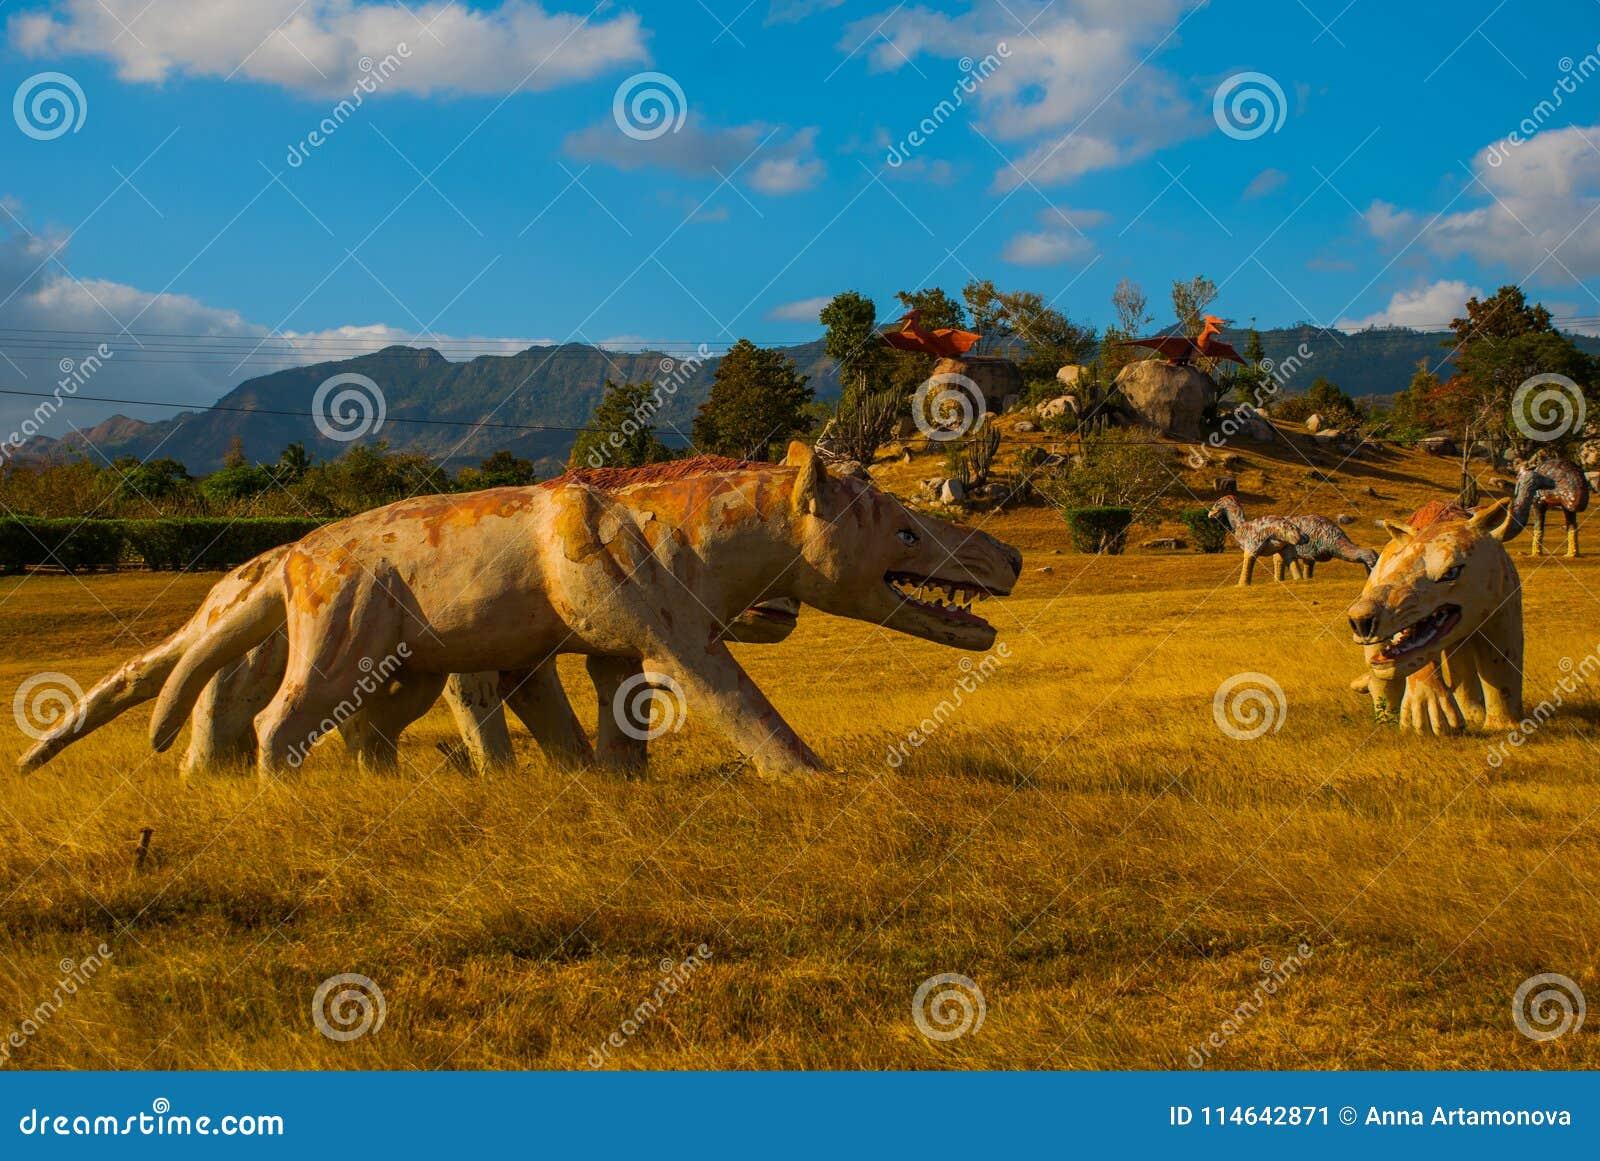 Статуя старого волка в поле Доисторические животные модели, скульптуры в долине национального парка в Baconao, Кубе